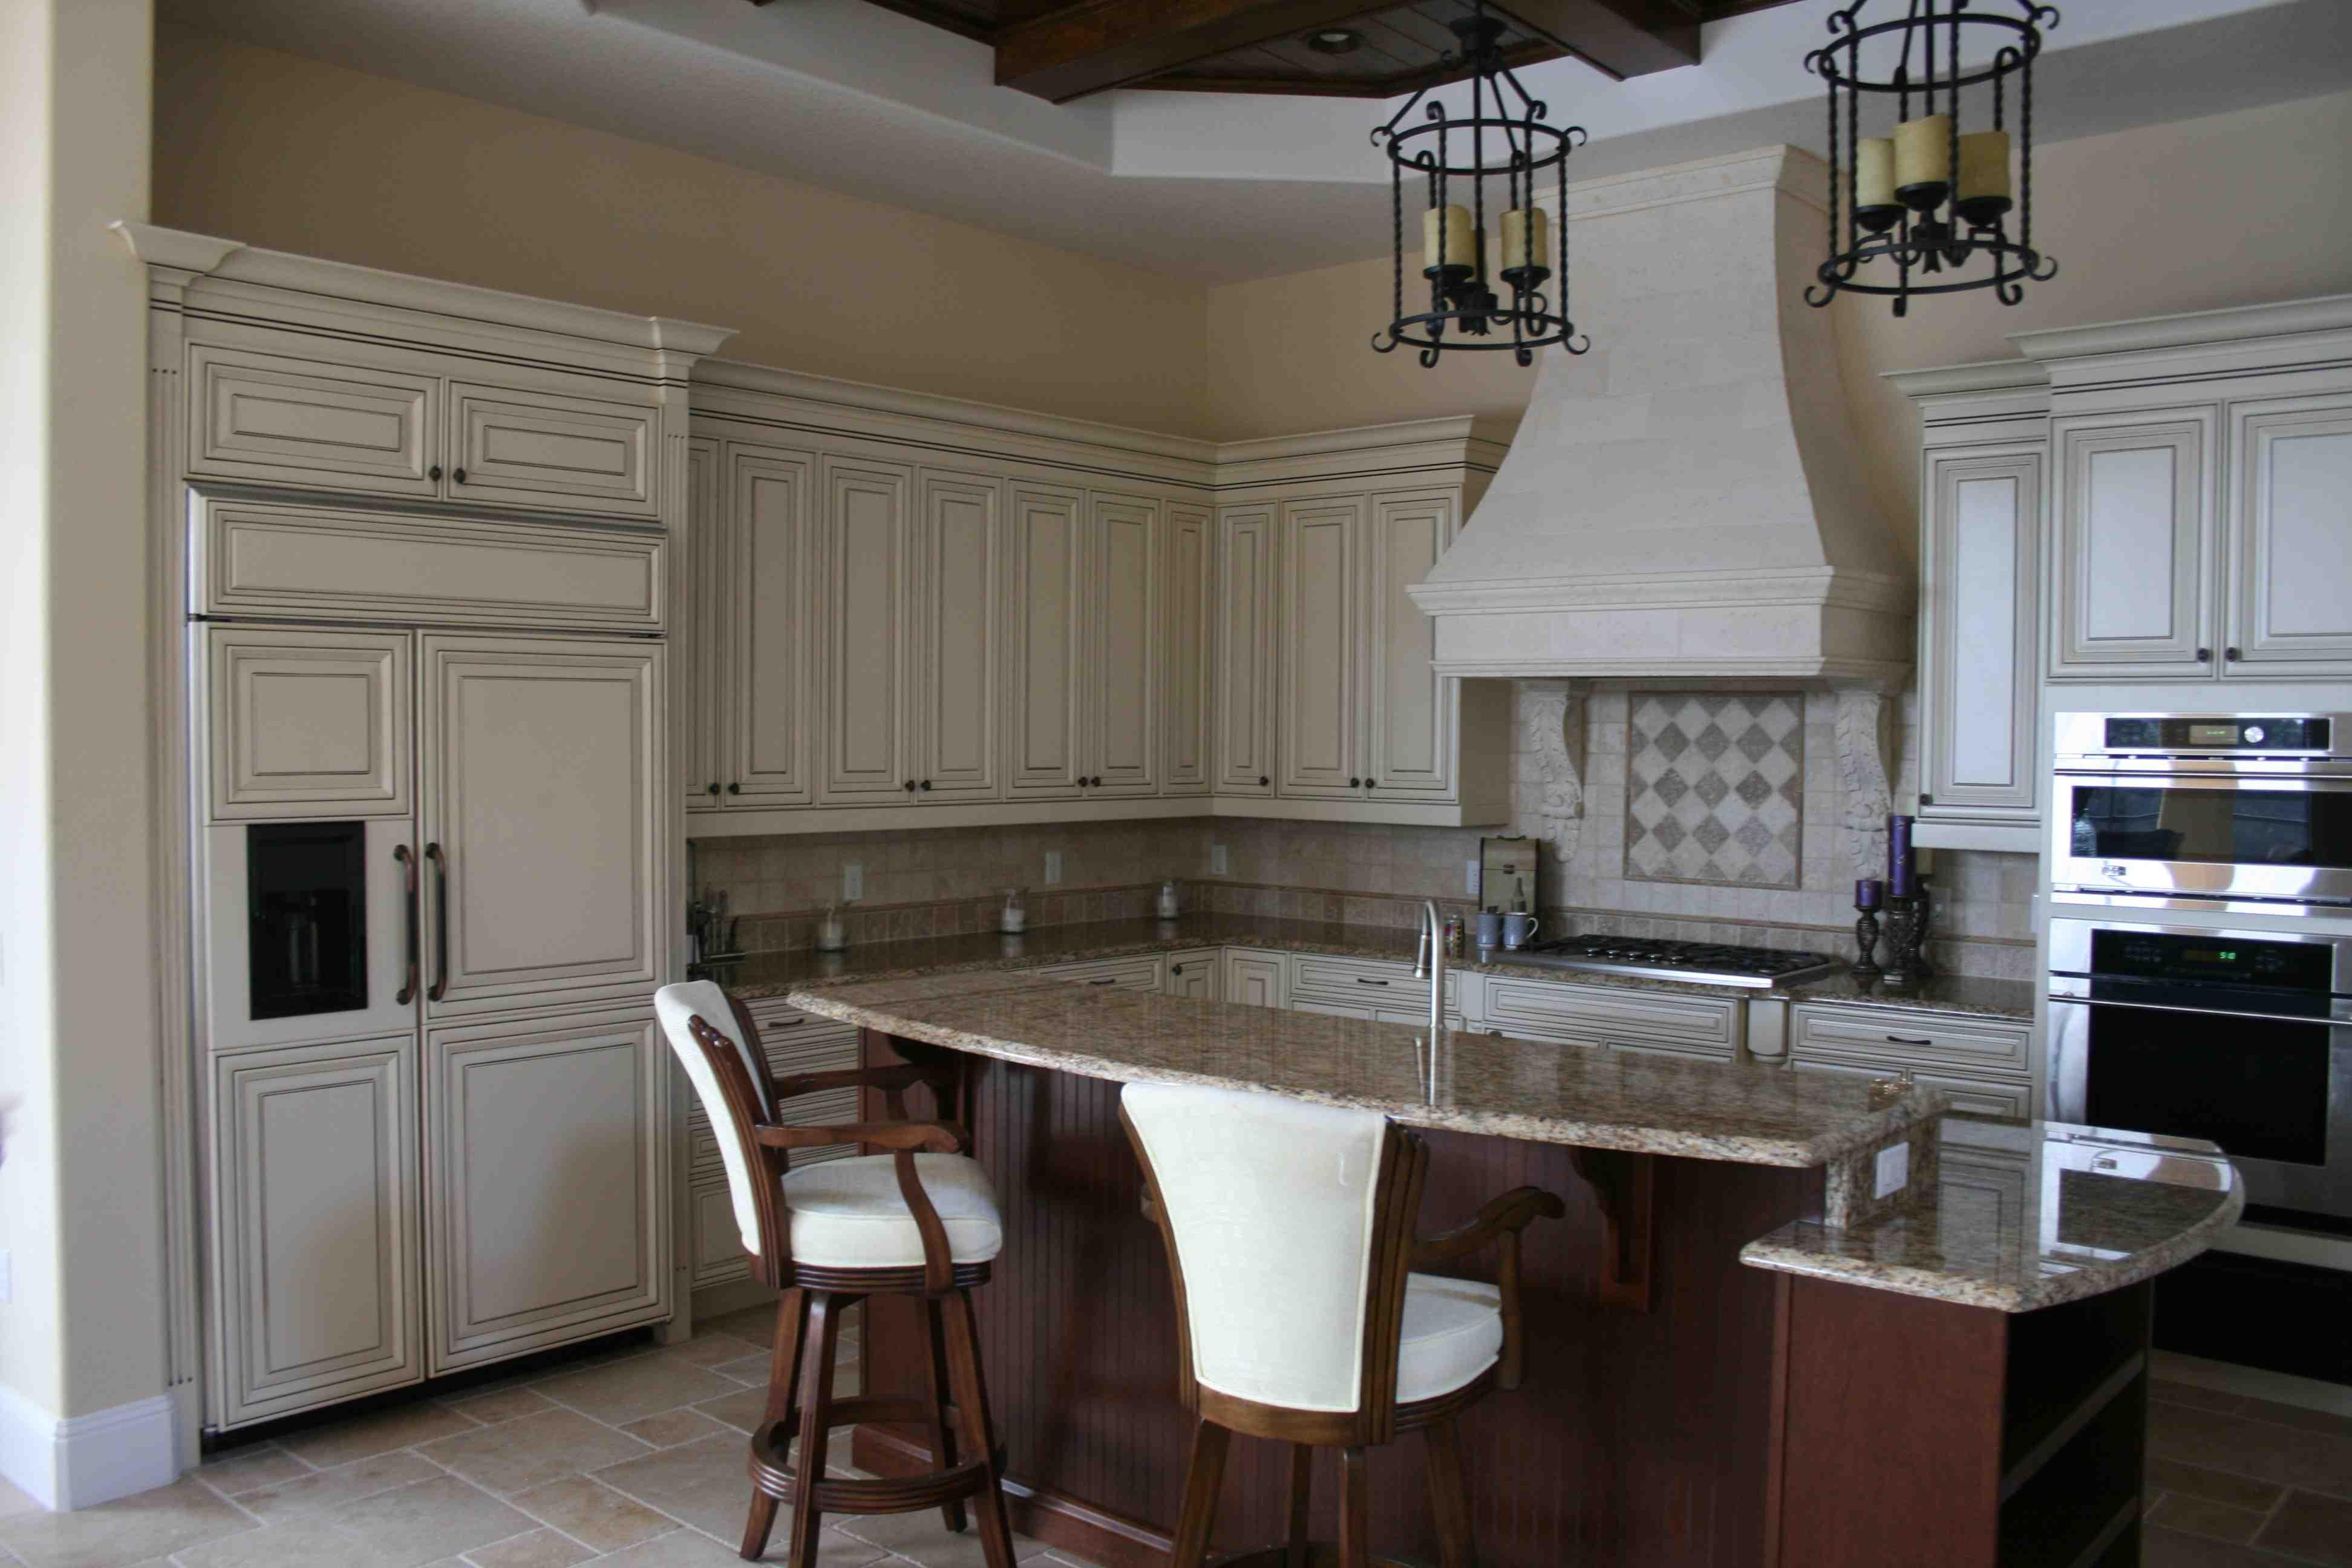 Cuisine Villa a acheter en Floride #V2 ORLANDO